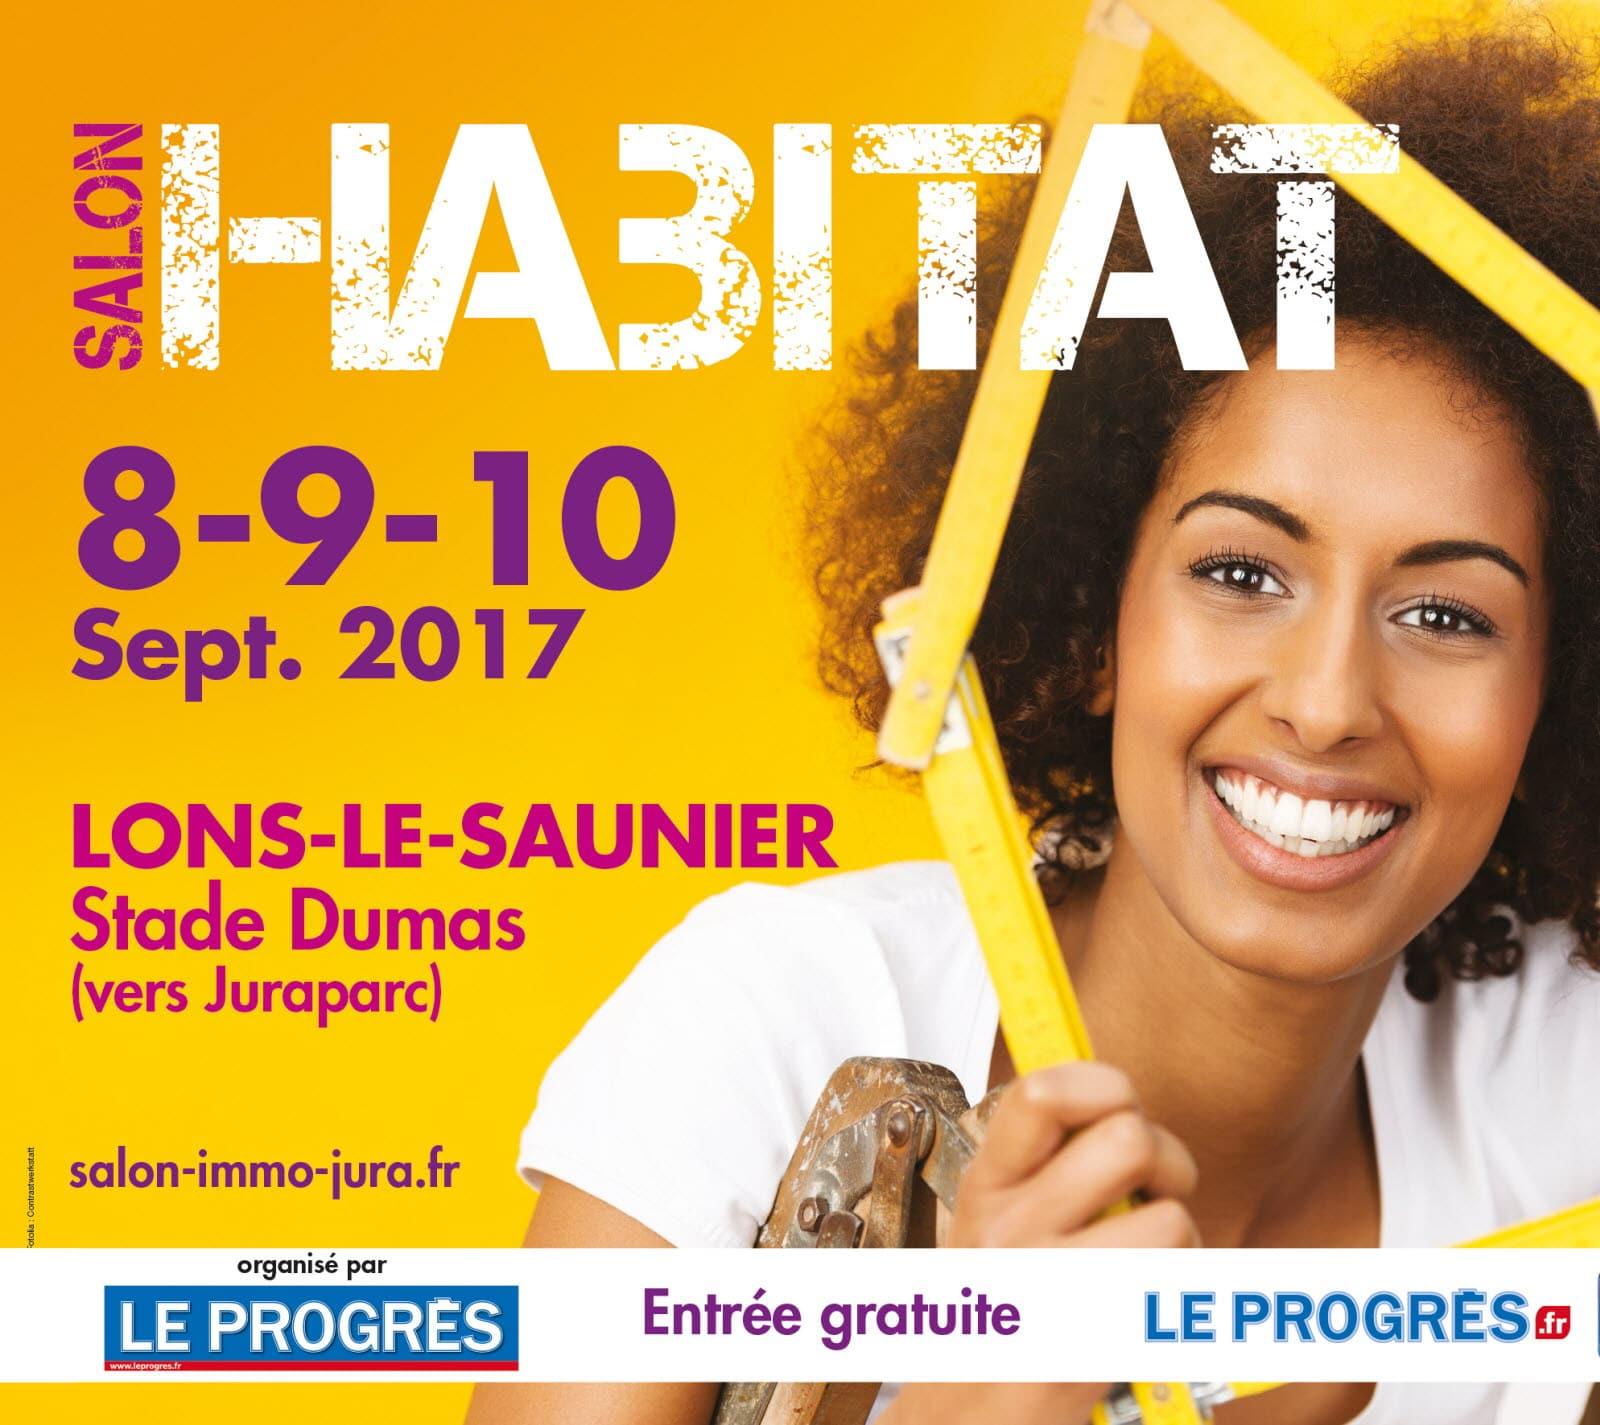 Salon de l habitat de lons le saunier les 8 9 10 septembre for Salon de l habitat 2017 paris